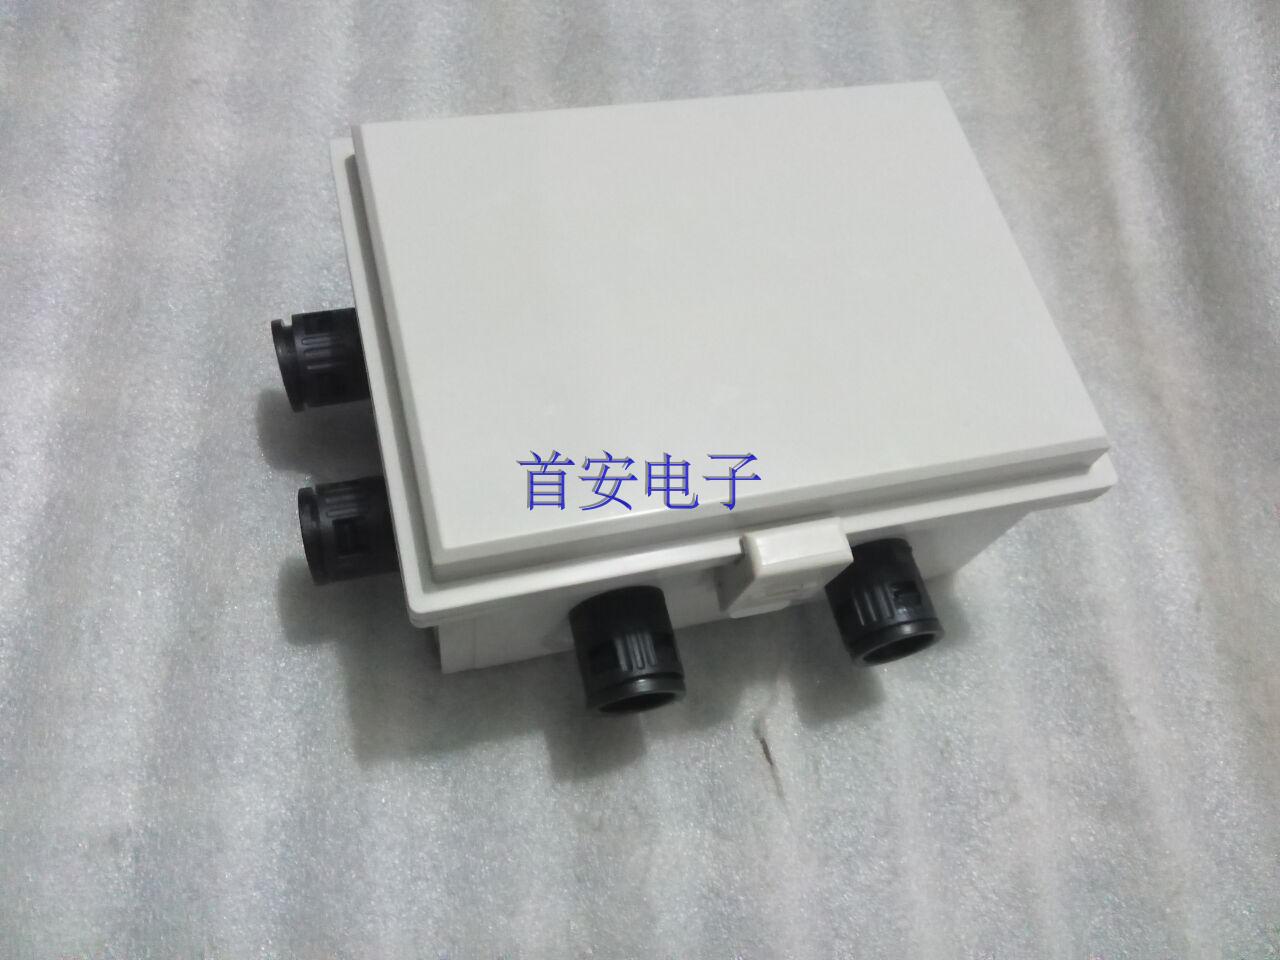 шланг threading водонепроницаемый ящик 200*150*100 клеммные пластиковые петли hasp ответвительный коробка водонепроницаемый ящик